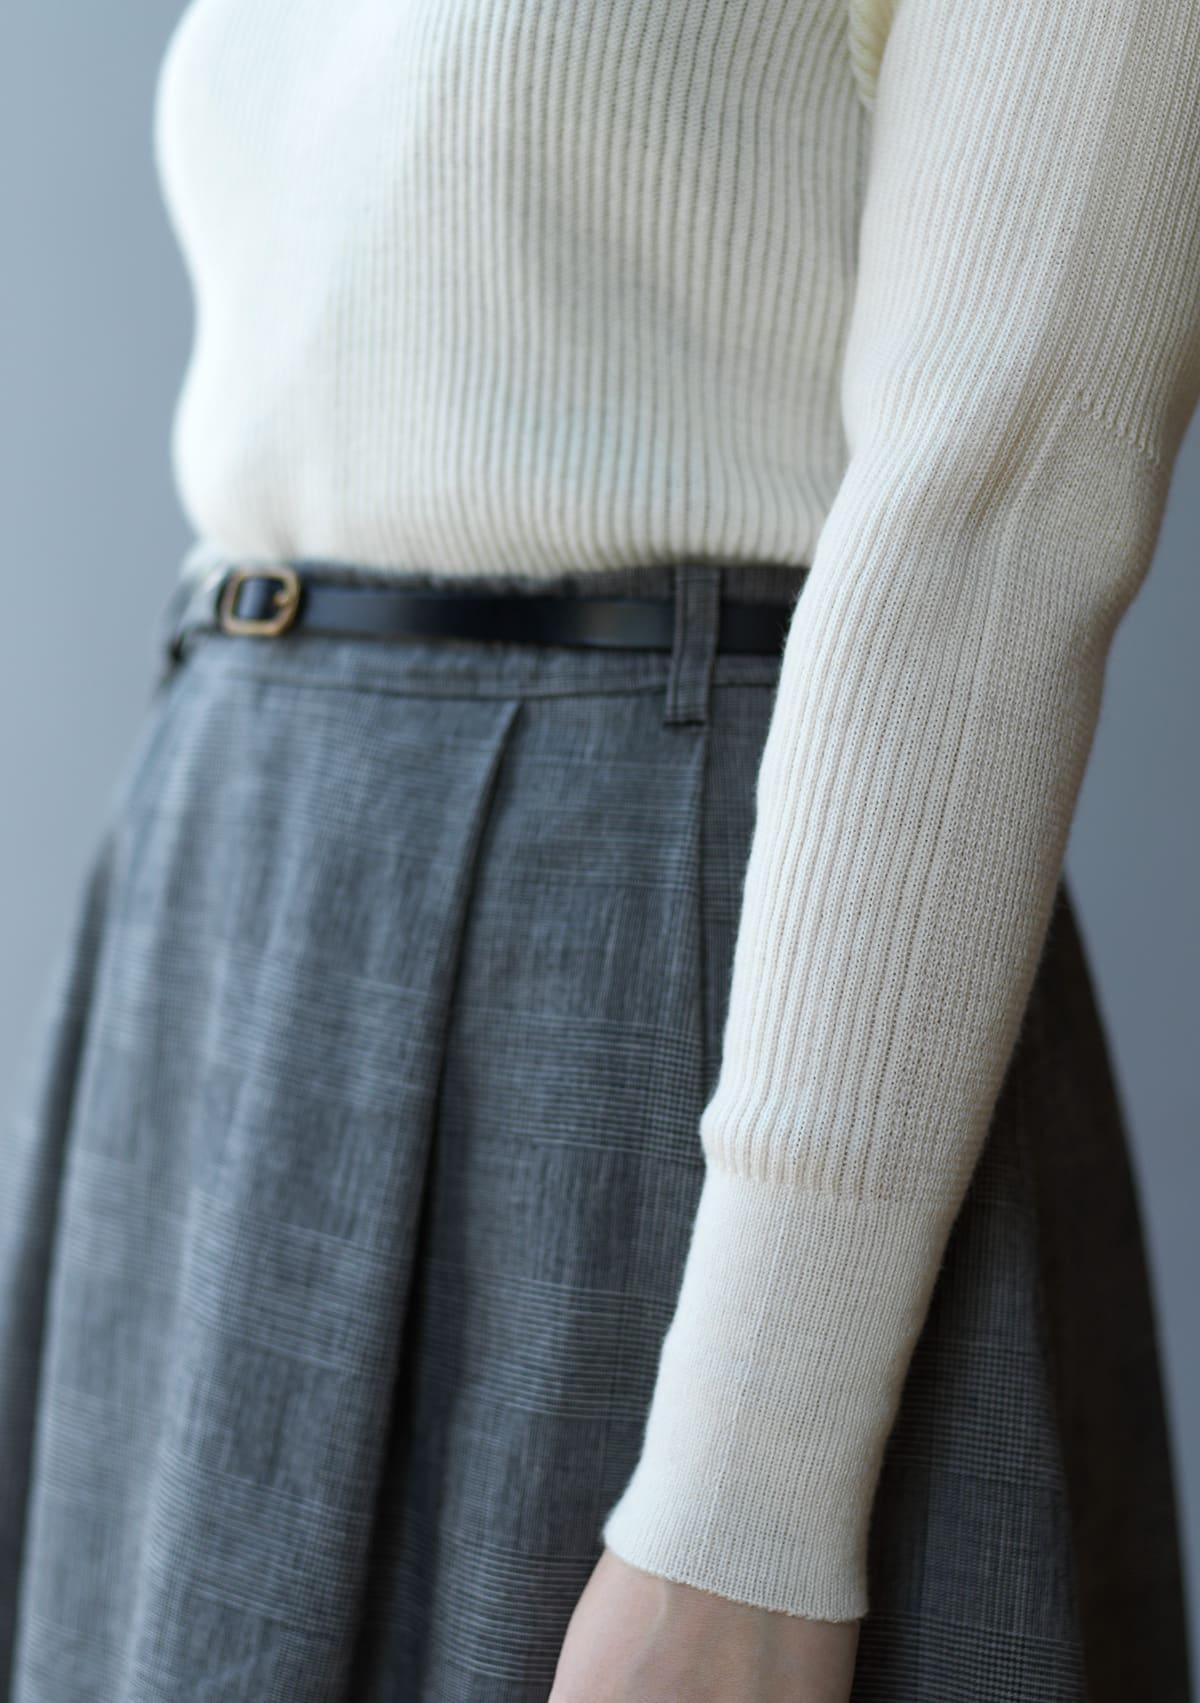 ホールガーメント製法でフィット感よく、着心地も快適に